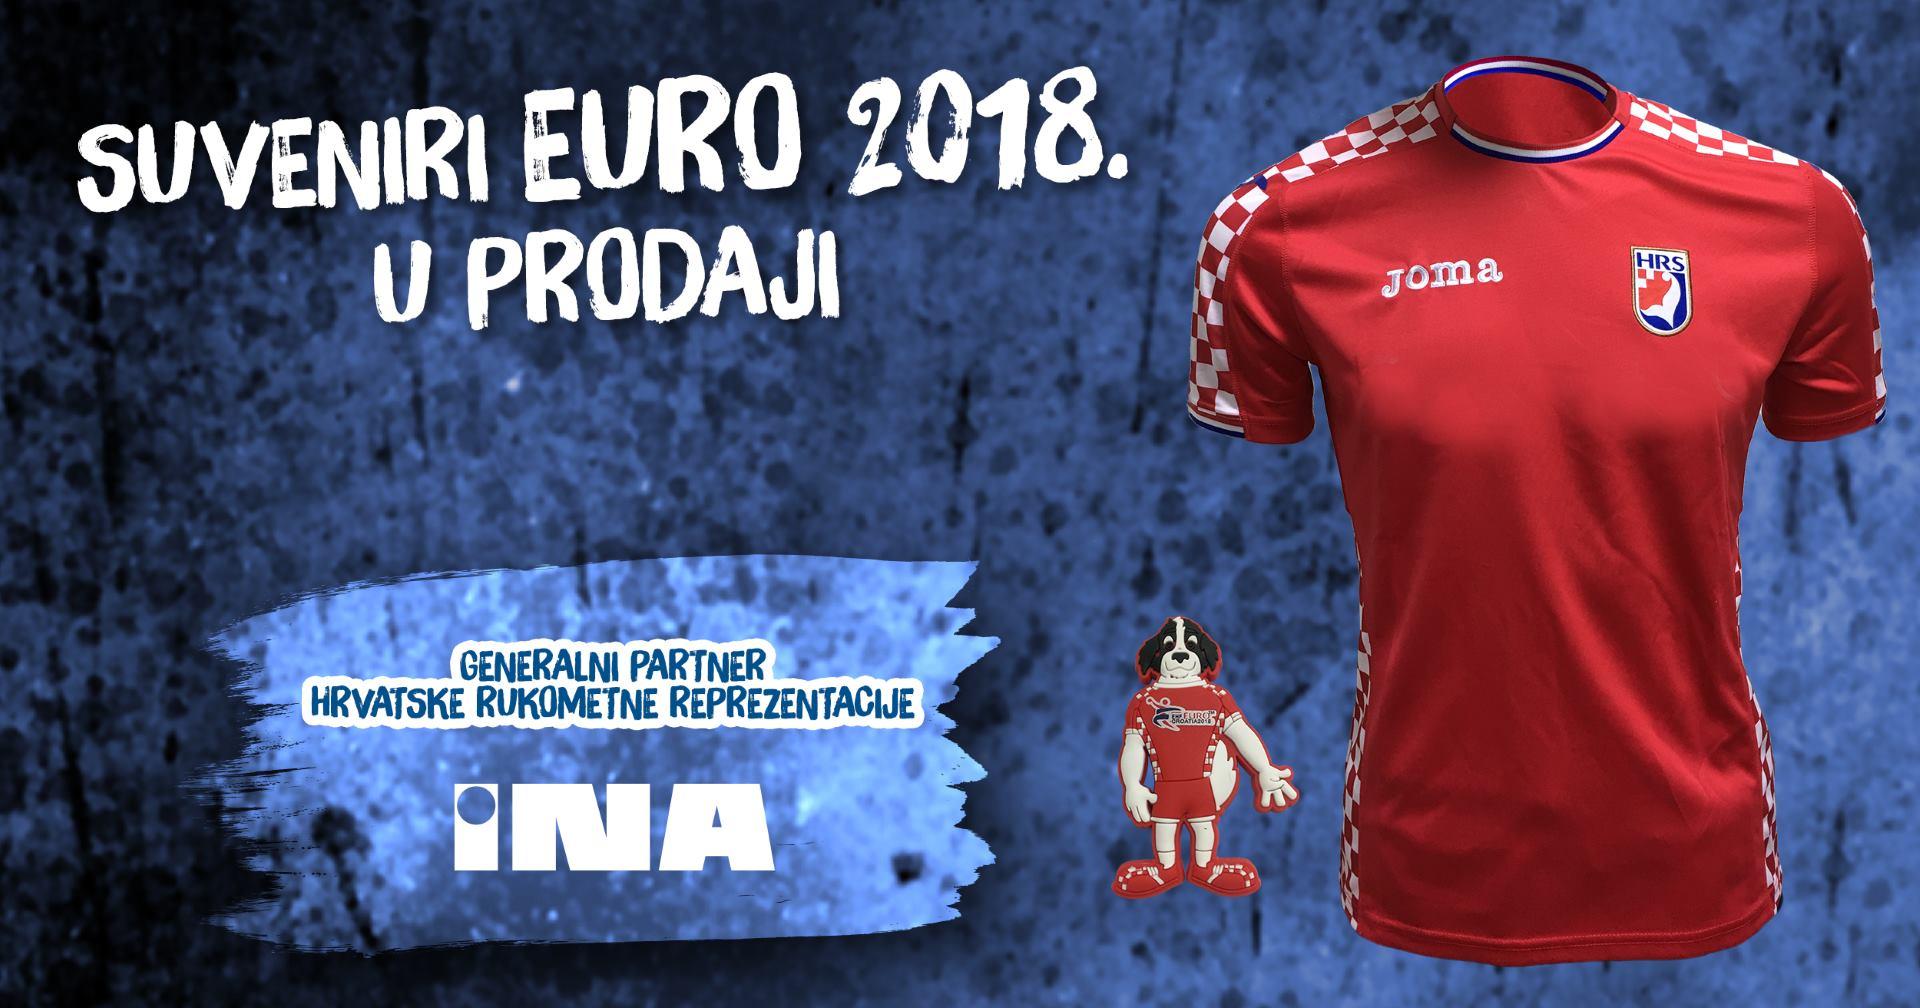 Navijački suveniri i ulaznice za EHF EURO 2018 dostupni na Ininim maloprodajnim mjestima